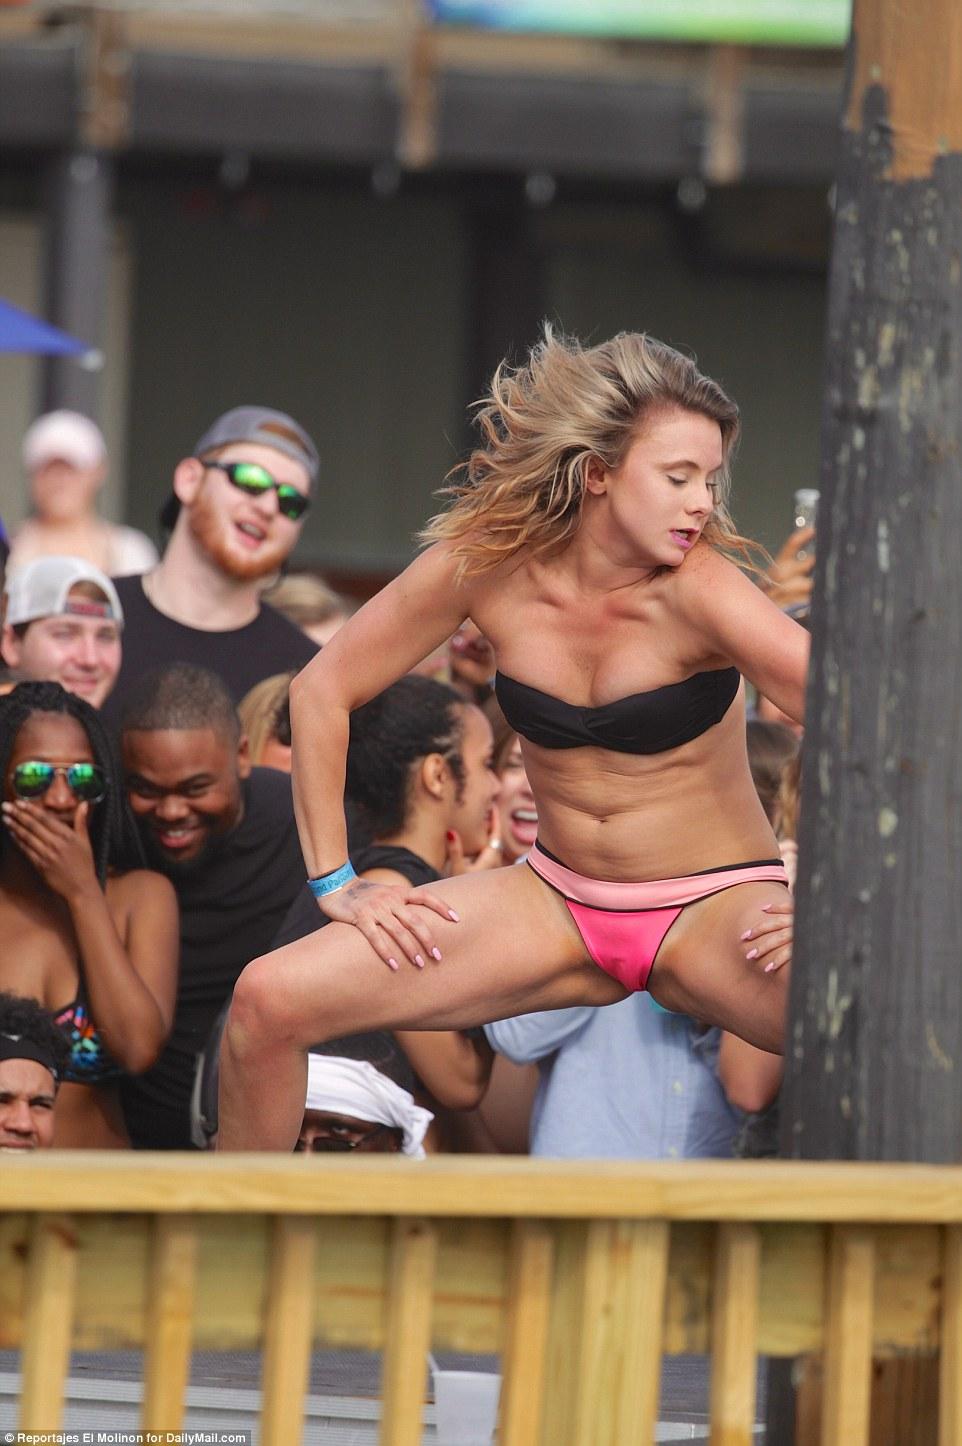 Рядом с клубом Spinnaker Beach Club, который по вторникам проводит вечеринки под названием «Пляжная